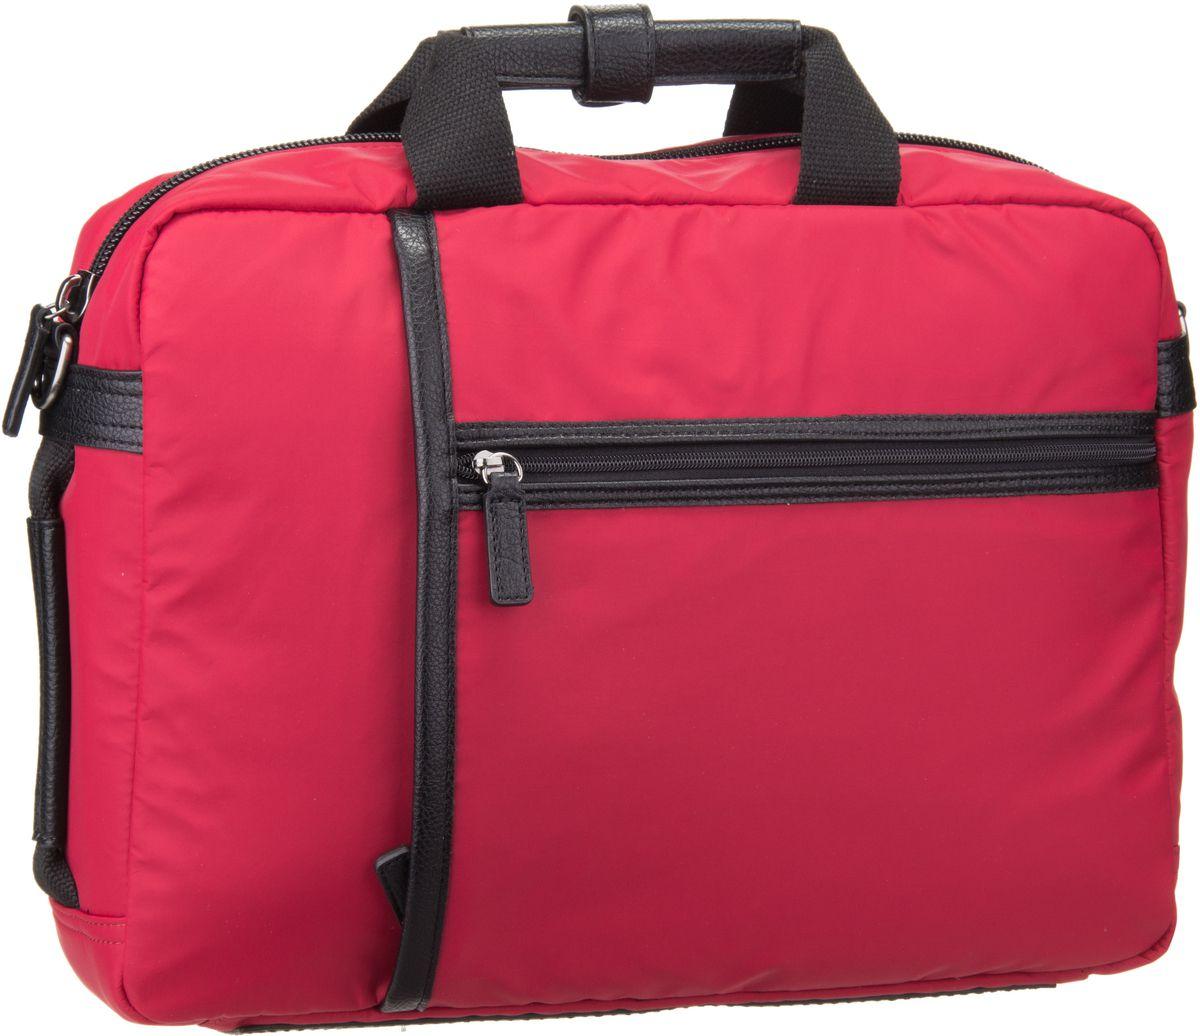 Businesstaschen für Frauen - Picard Aktentasche S'Pore 2333 Rot  - Onlineshop Taschenkaufhaus